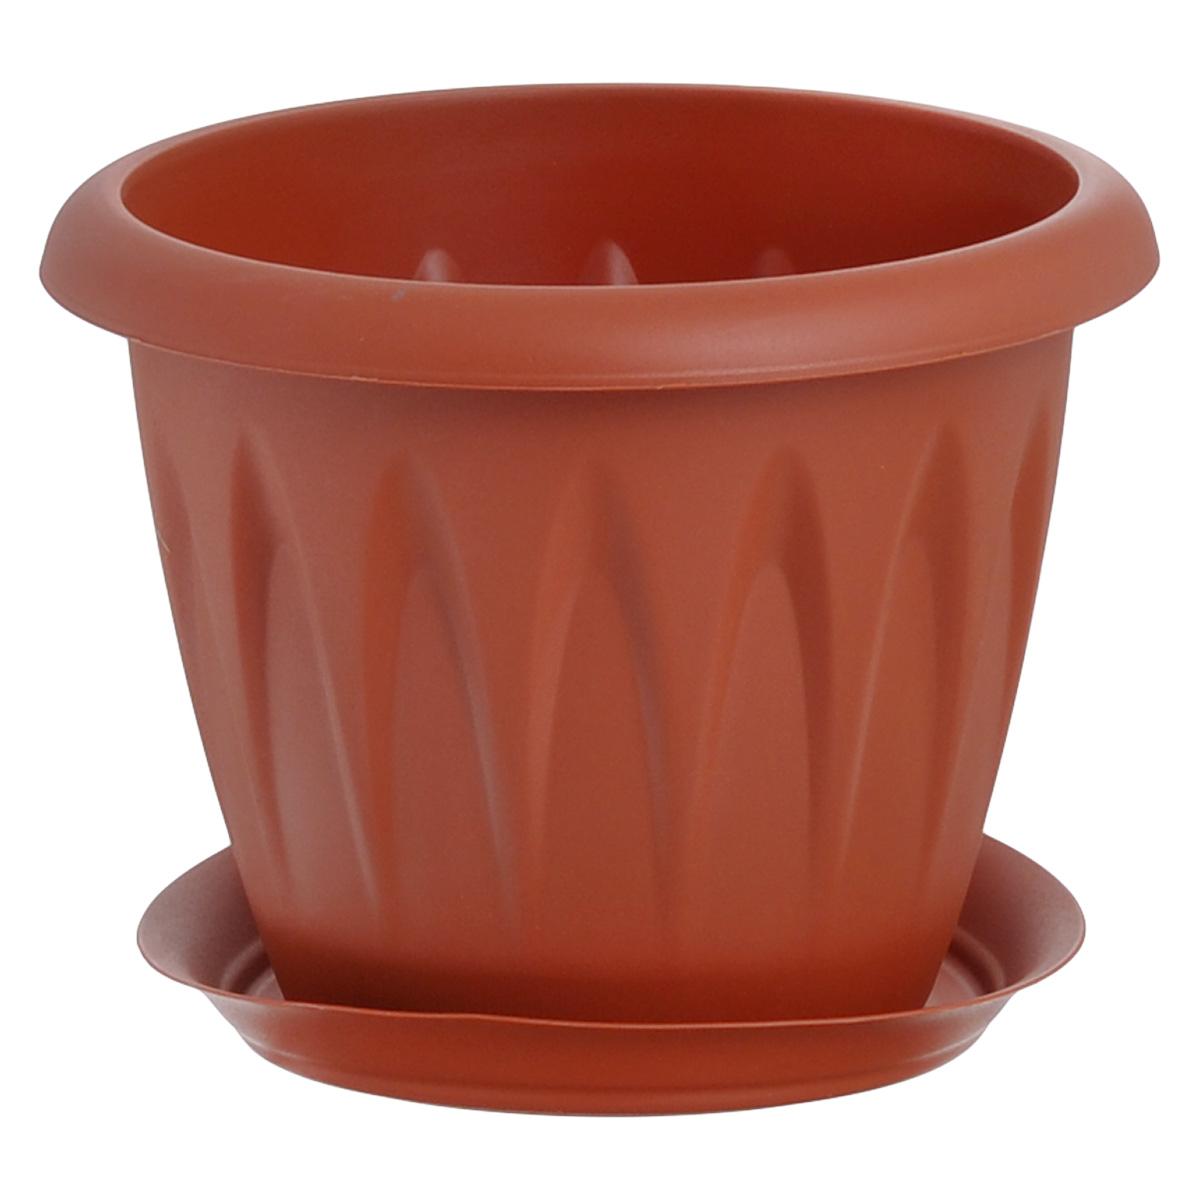 Кашпо Idea Алиция, с поддоном, цвет: терракотовый, 1,4 лПИ-21-2ТХКашпо Idea Алиция изготовлено из прочного полипропилена (пластика) и предназначено для выращивания растений, цветов и трав в домашних условиях. Круглый поддон обеспечивает сток воды. Такое кашпо порадует вас функциональностью, а благодаря лаконичному дизайну впишется в любой интерьер помещения. Диаметр кашпо по верхнему краю: 16 см. Объем кашпо: 1,4 л.